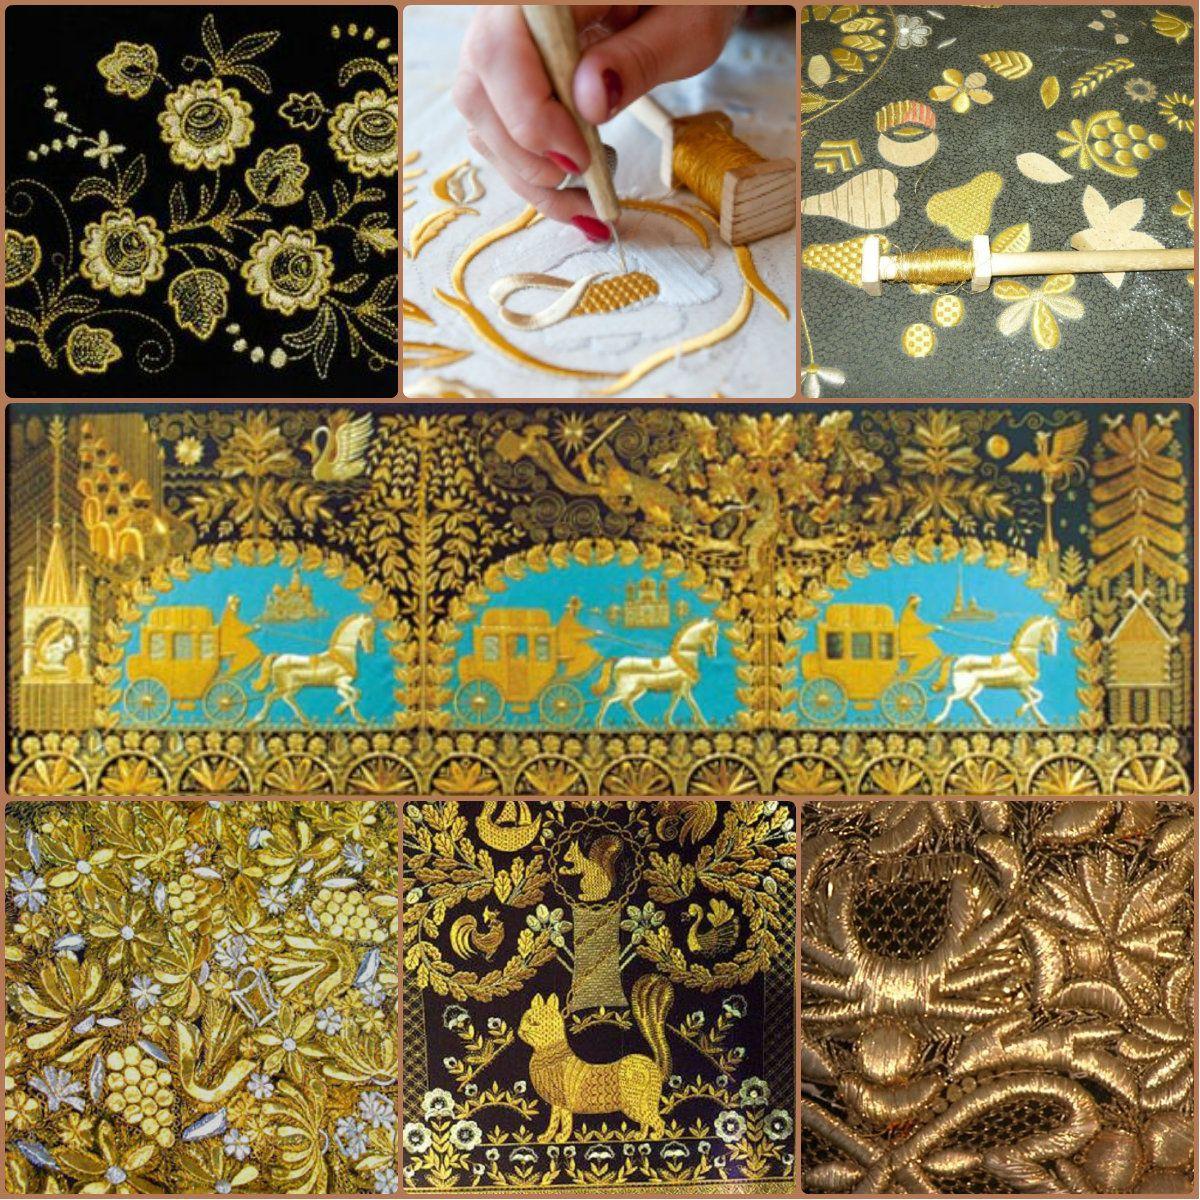 отметил, что золотошвейные работы картинки ничего напоминало семейной